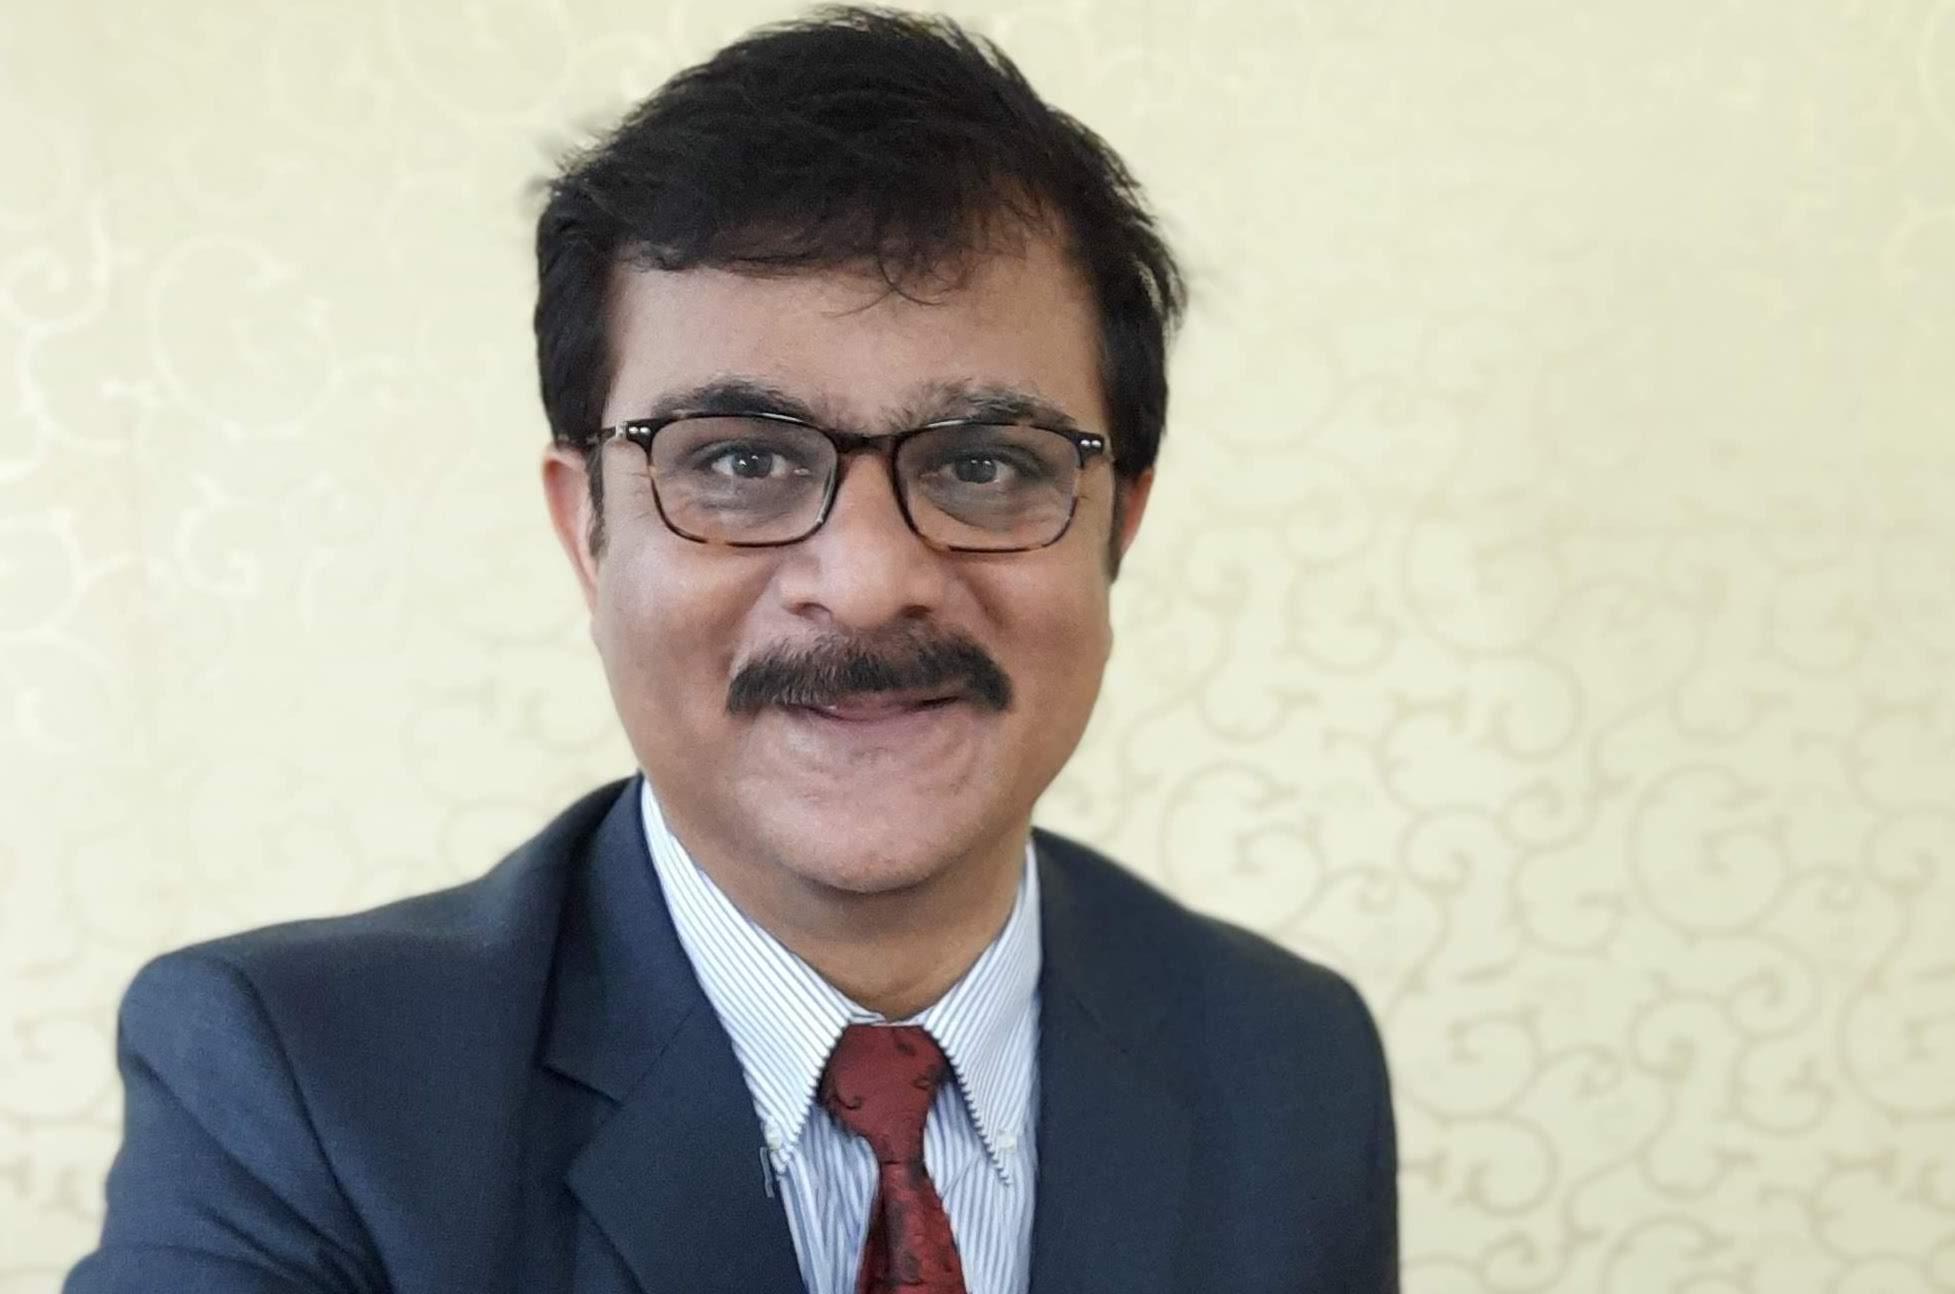 Ajay Batra Executive VP, Venture Fastrack at Wadhwani Foundation